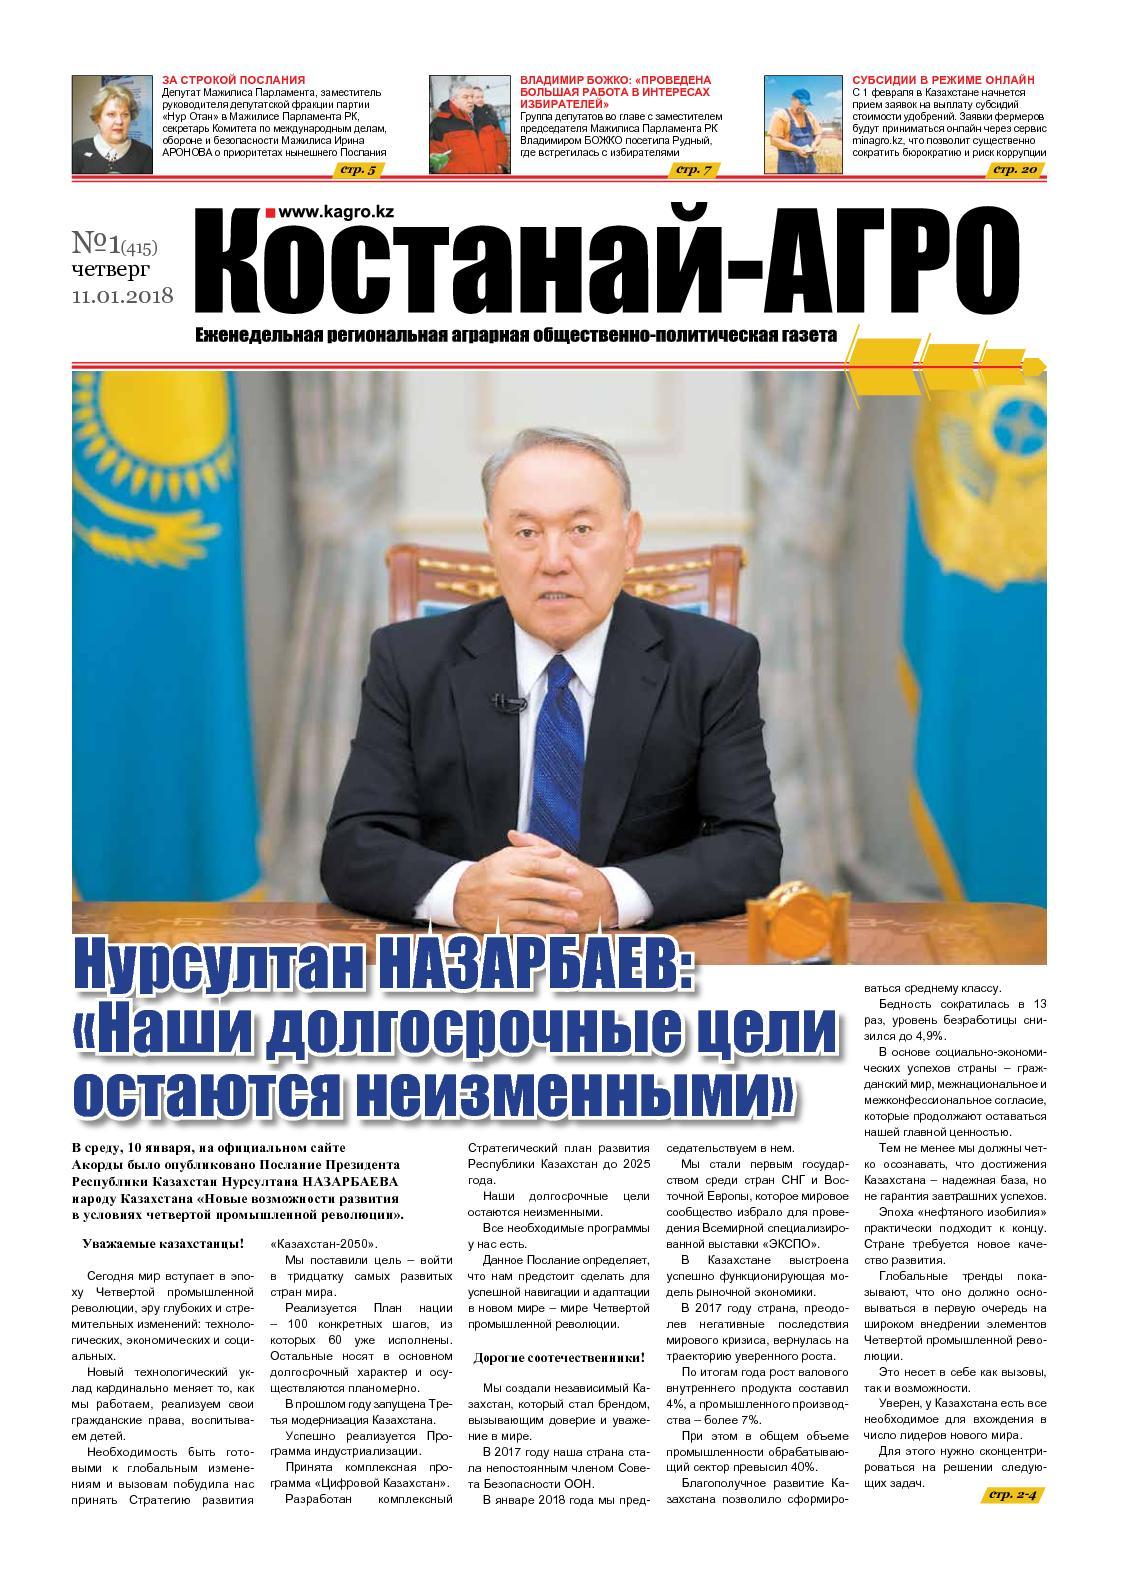 Вакансия директора элеватора казахстан пластинчатый конвейер для бутылок